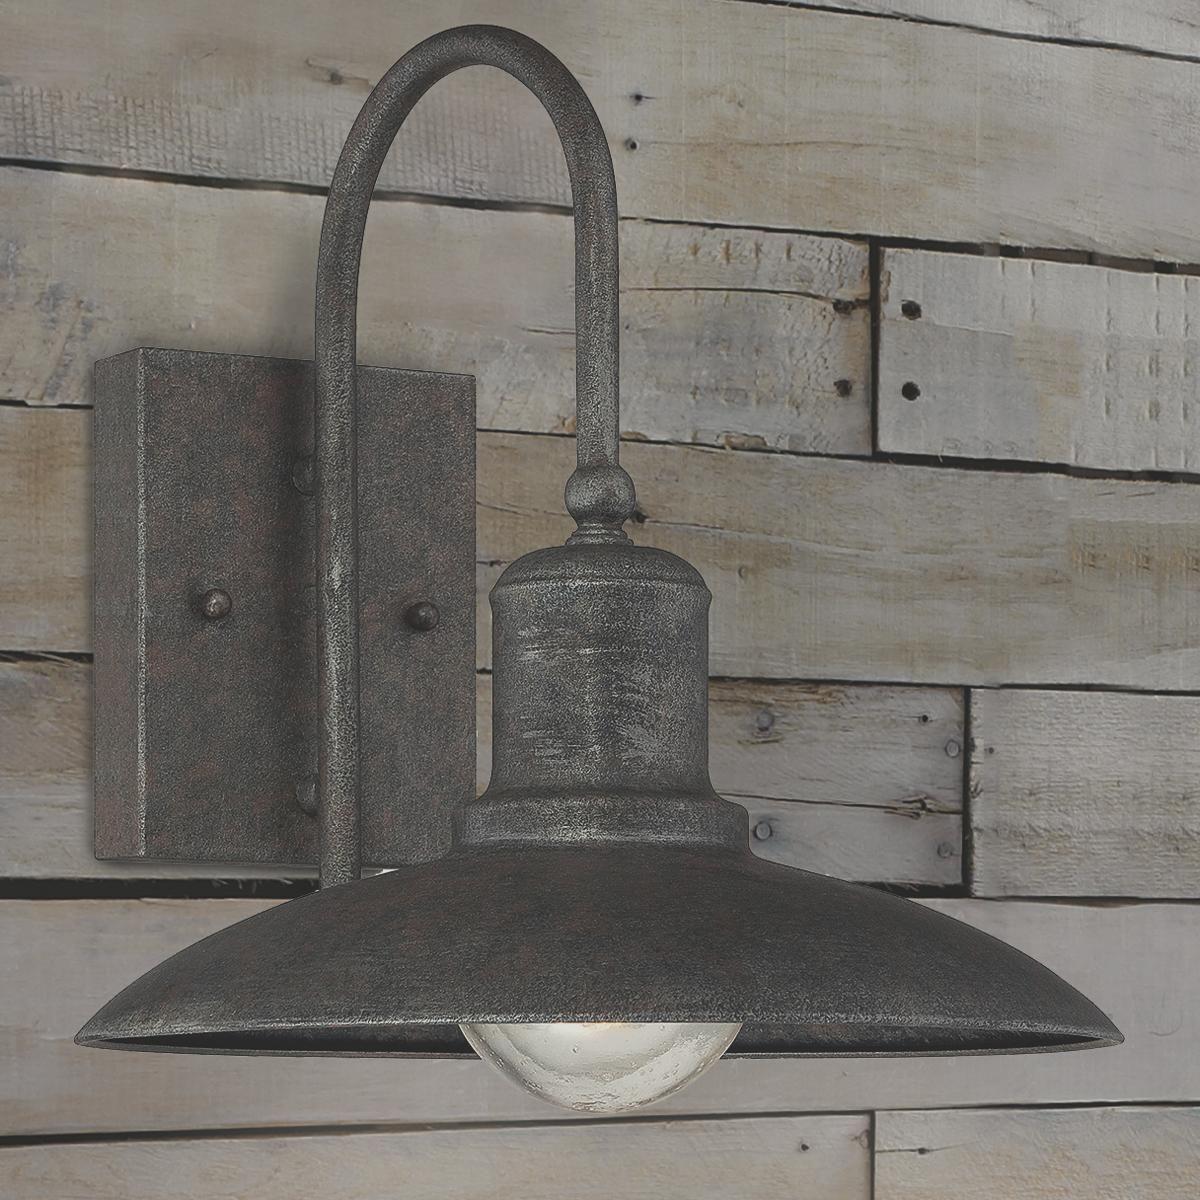 Artisan Rustic Industrial Outdoor Sconce-Medium    for breezeway?